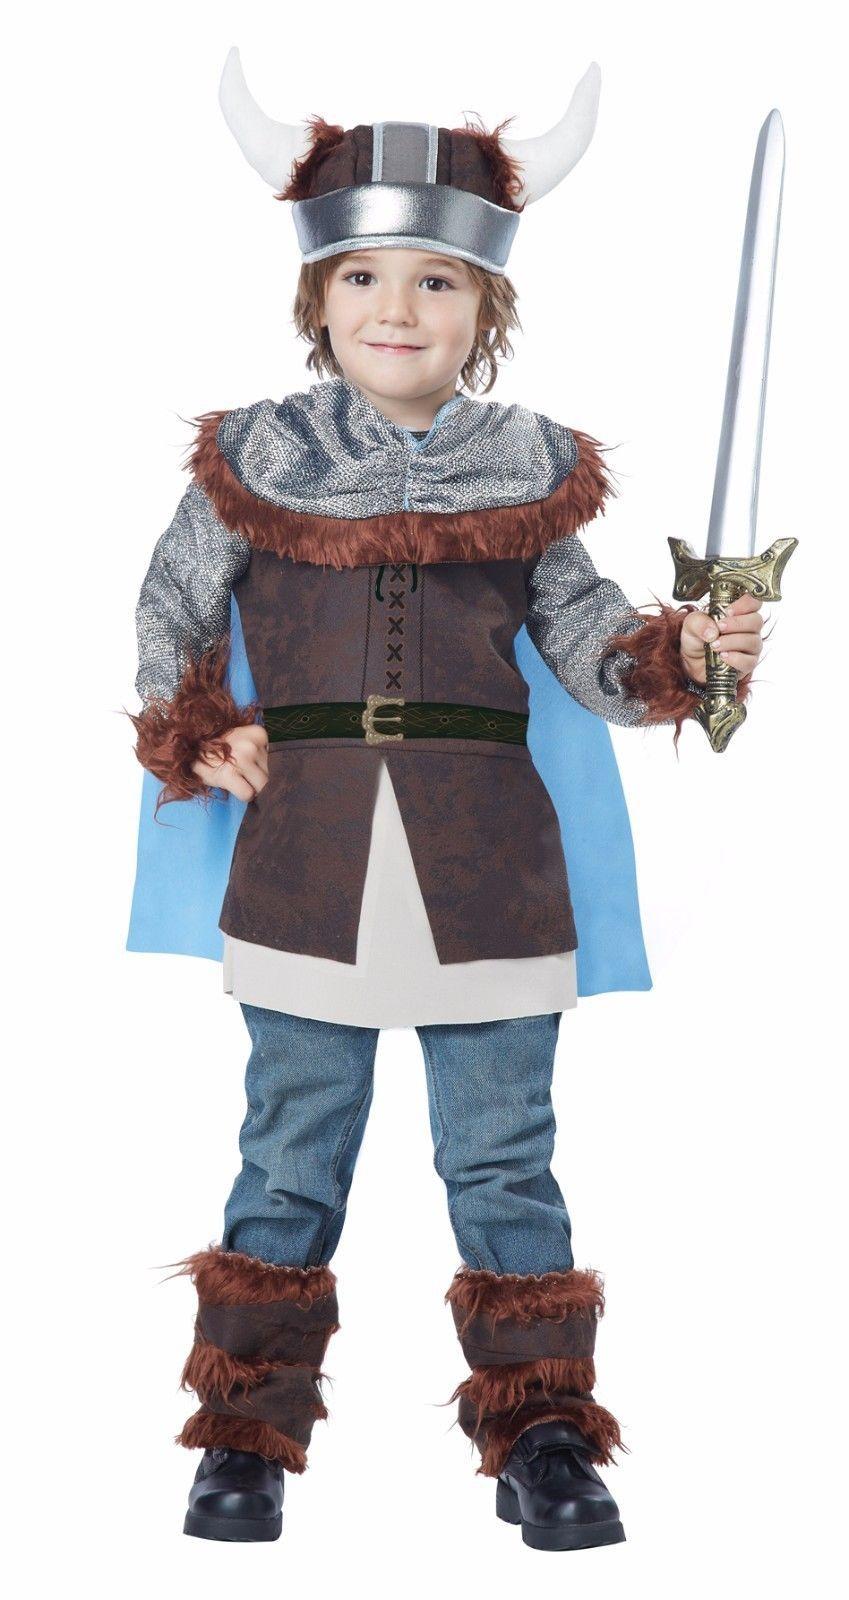 Как сделать костюм викинга своими руками